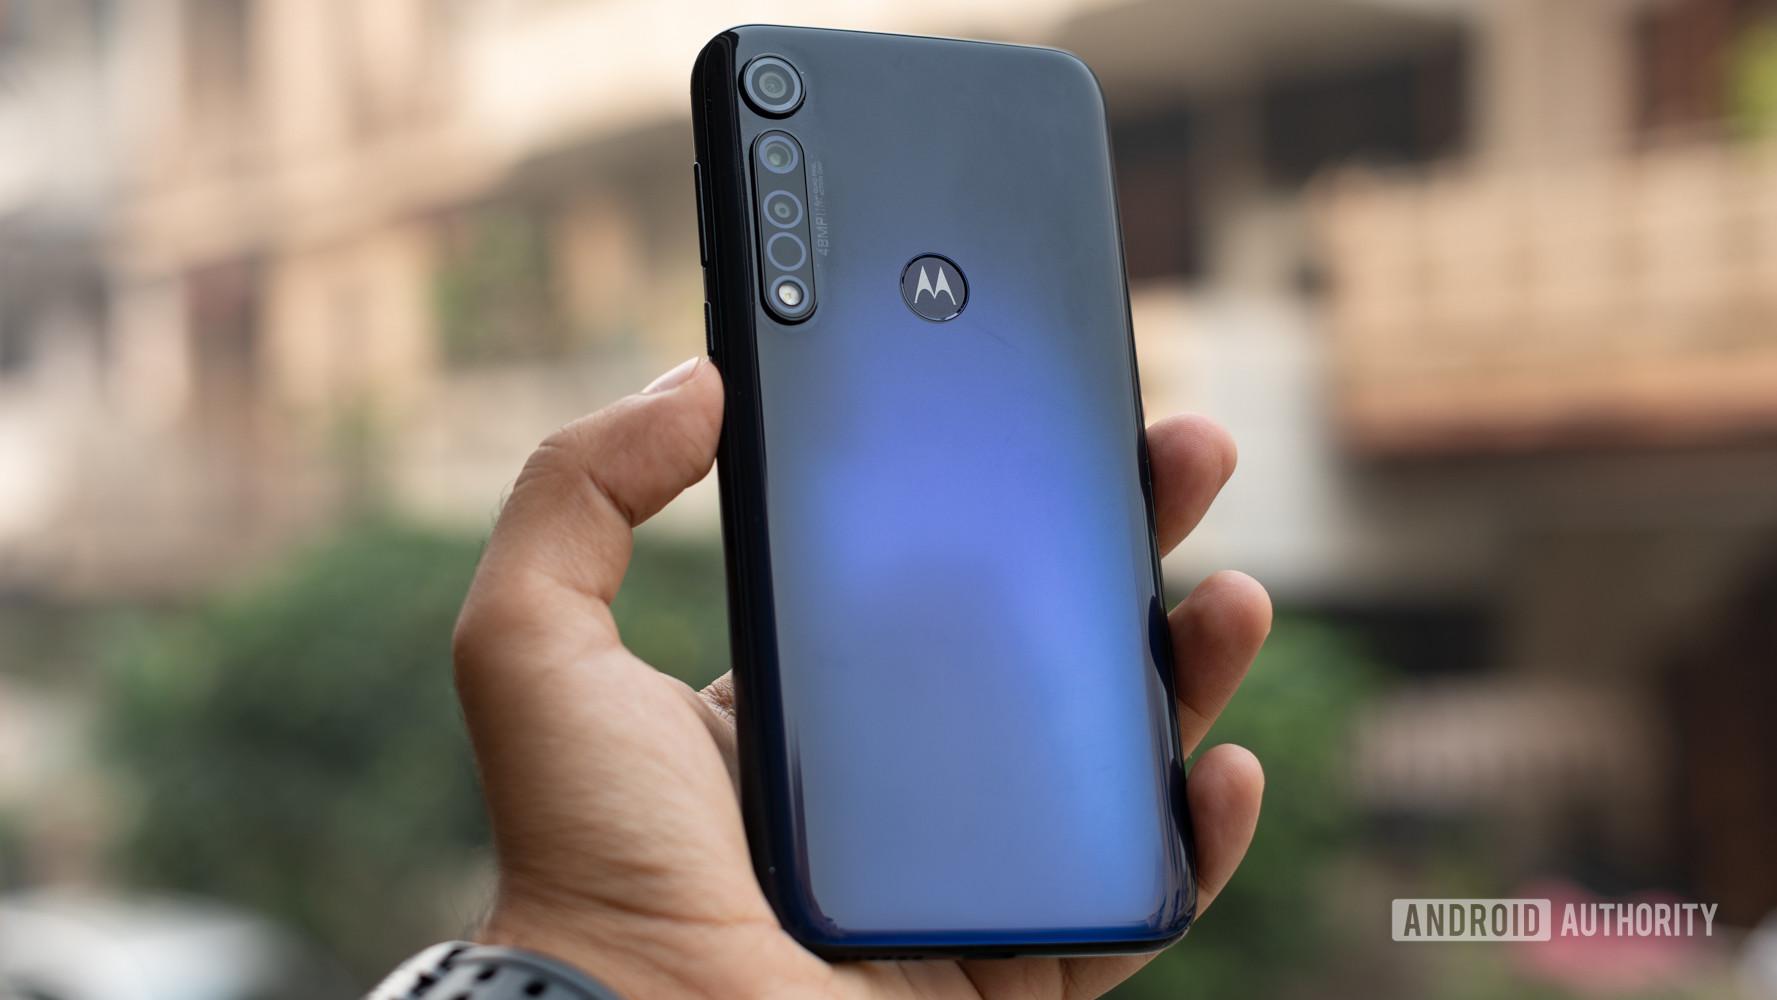 Moto G8 Plus showing moto logo in fingerprint scanner